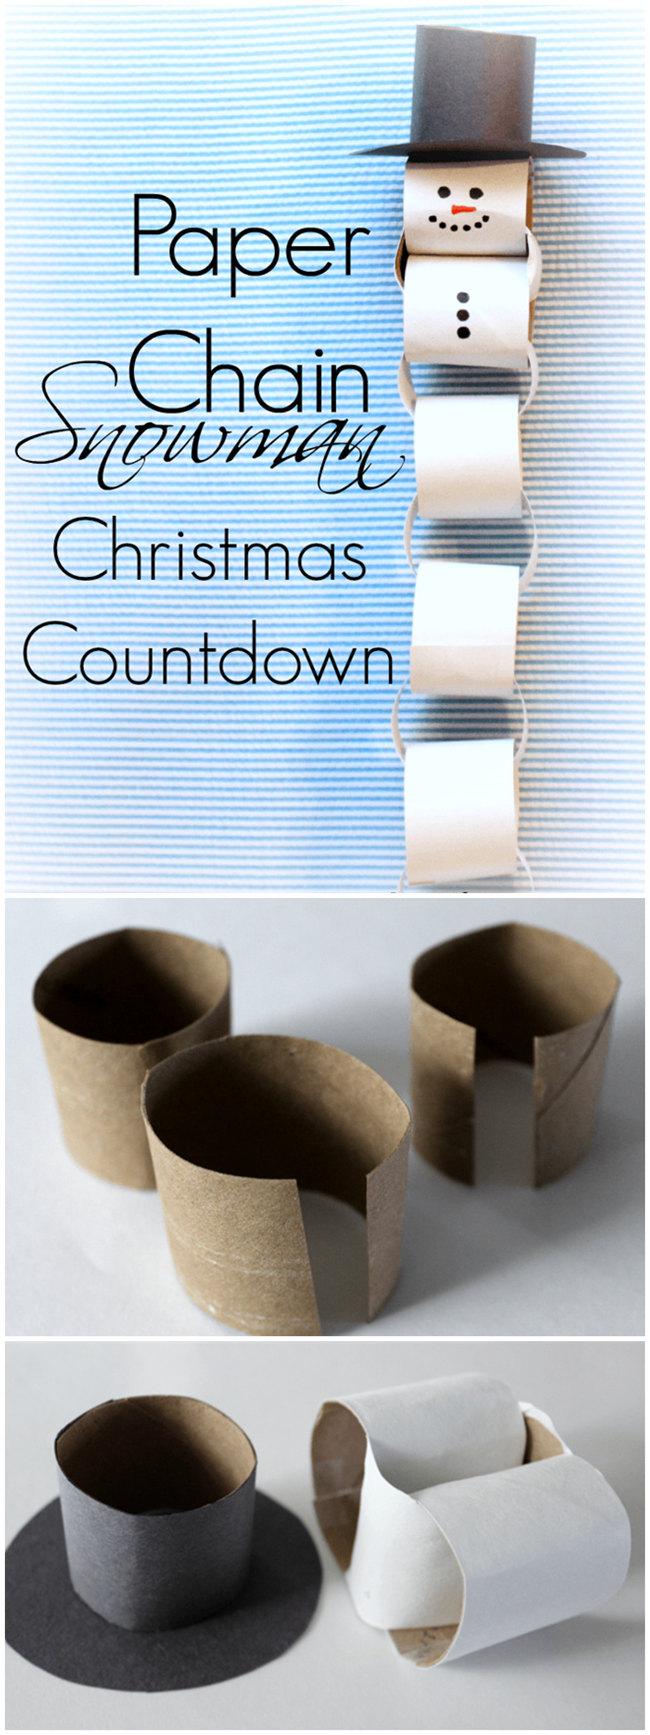 Paper Chain Snowman Christmas Countdown